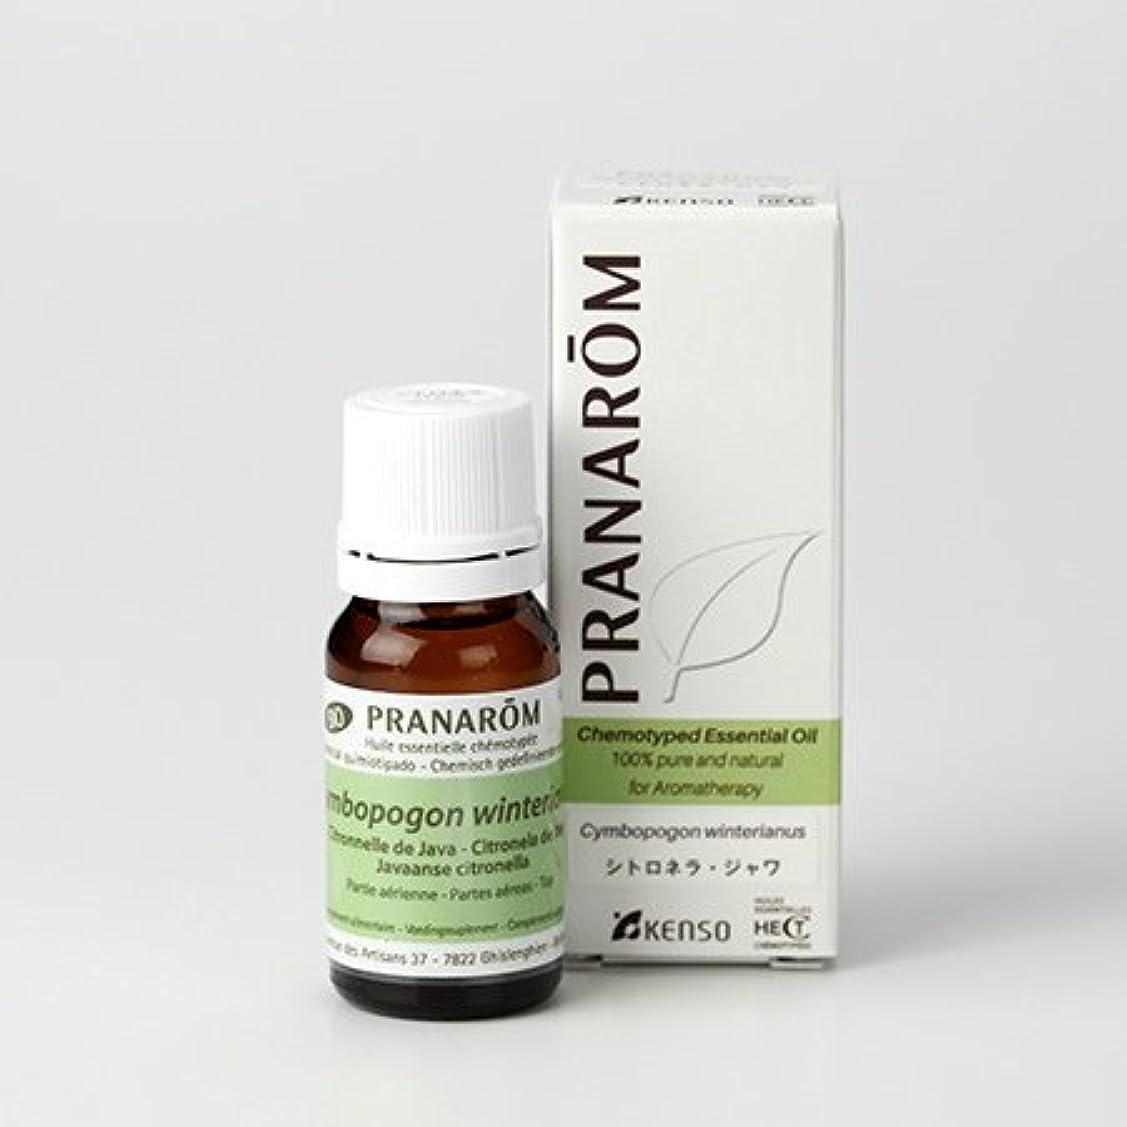 困惑援助する混雑プラナロム シトロネラジャワ 10ml (PRANAROM ケモタイプ精油)